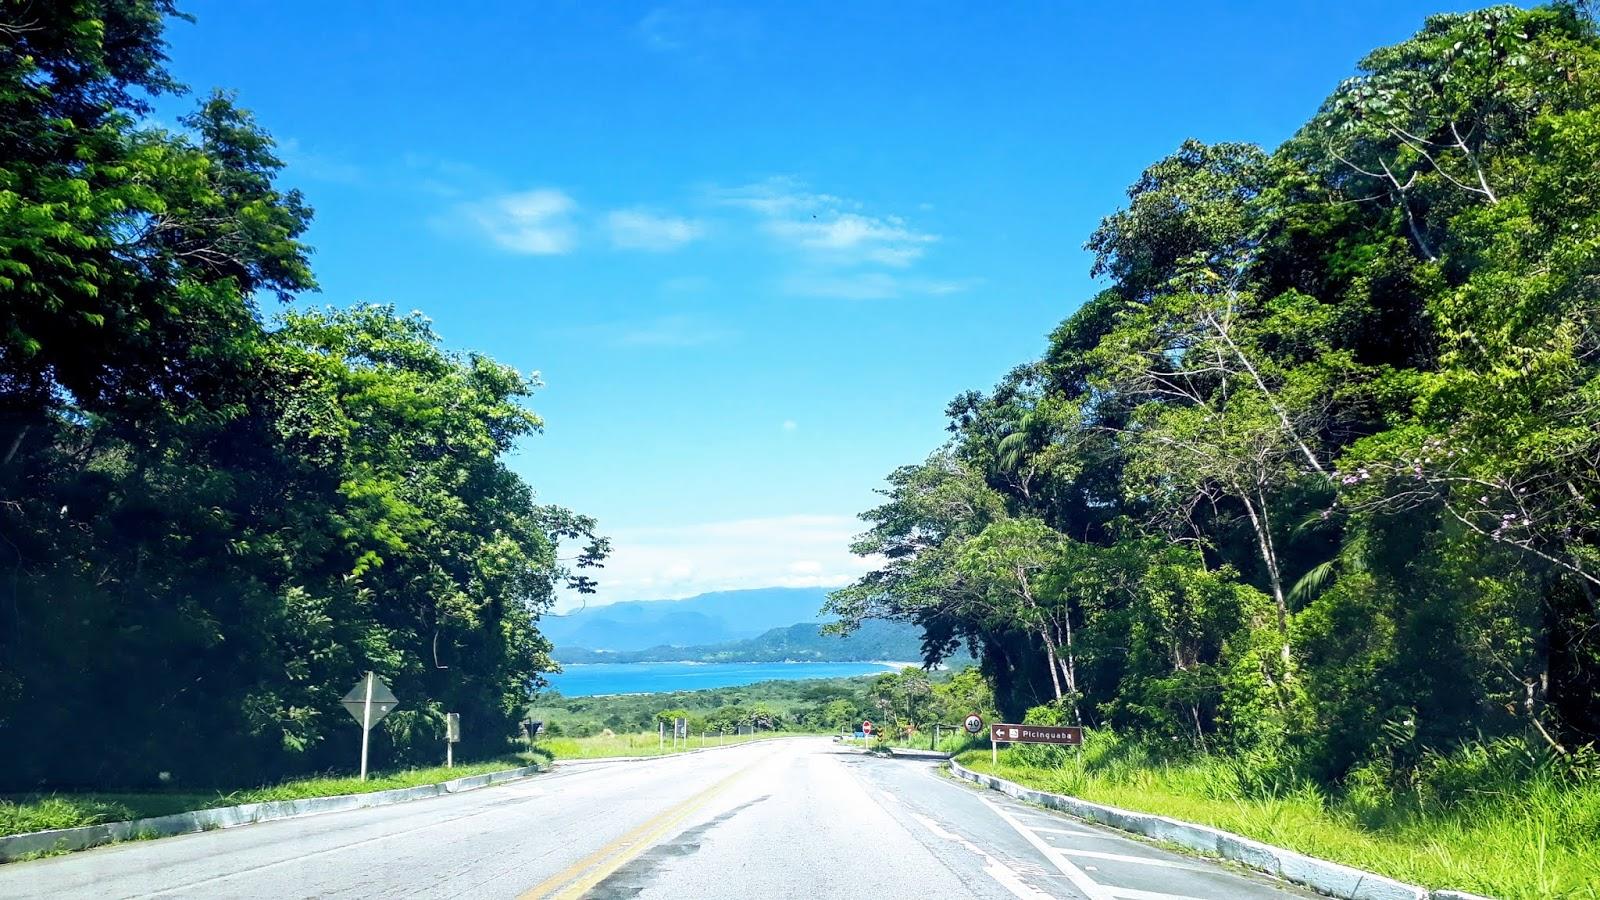 Rodovia Rio -Santos em direção à Praia da Fazenda